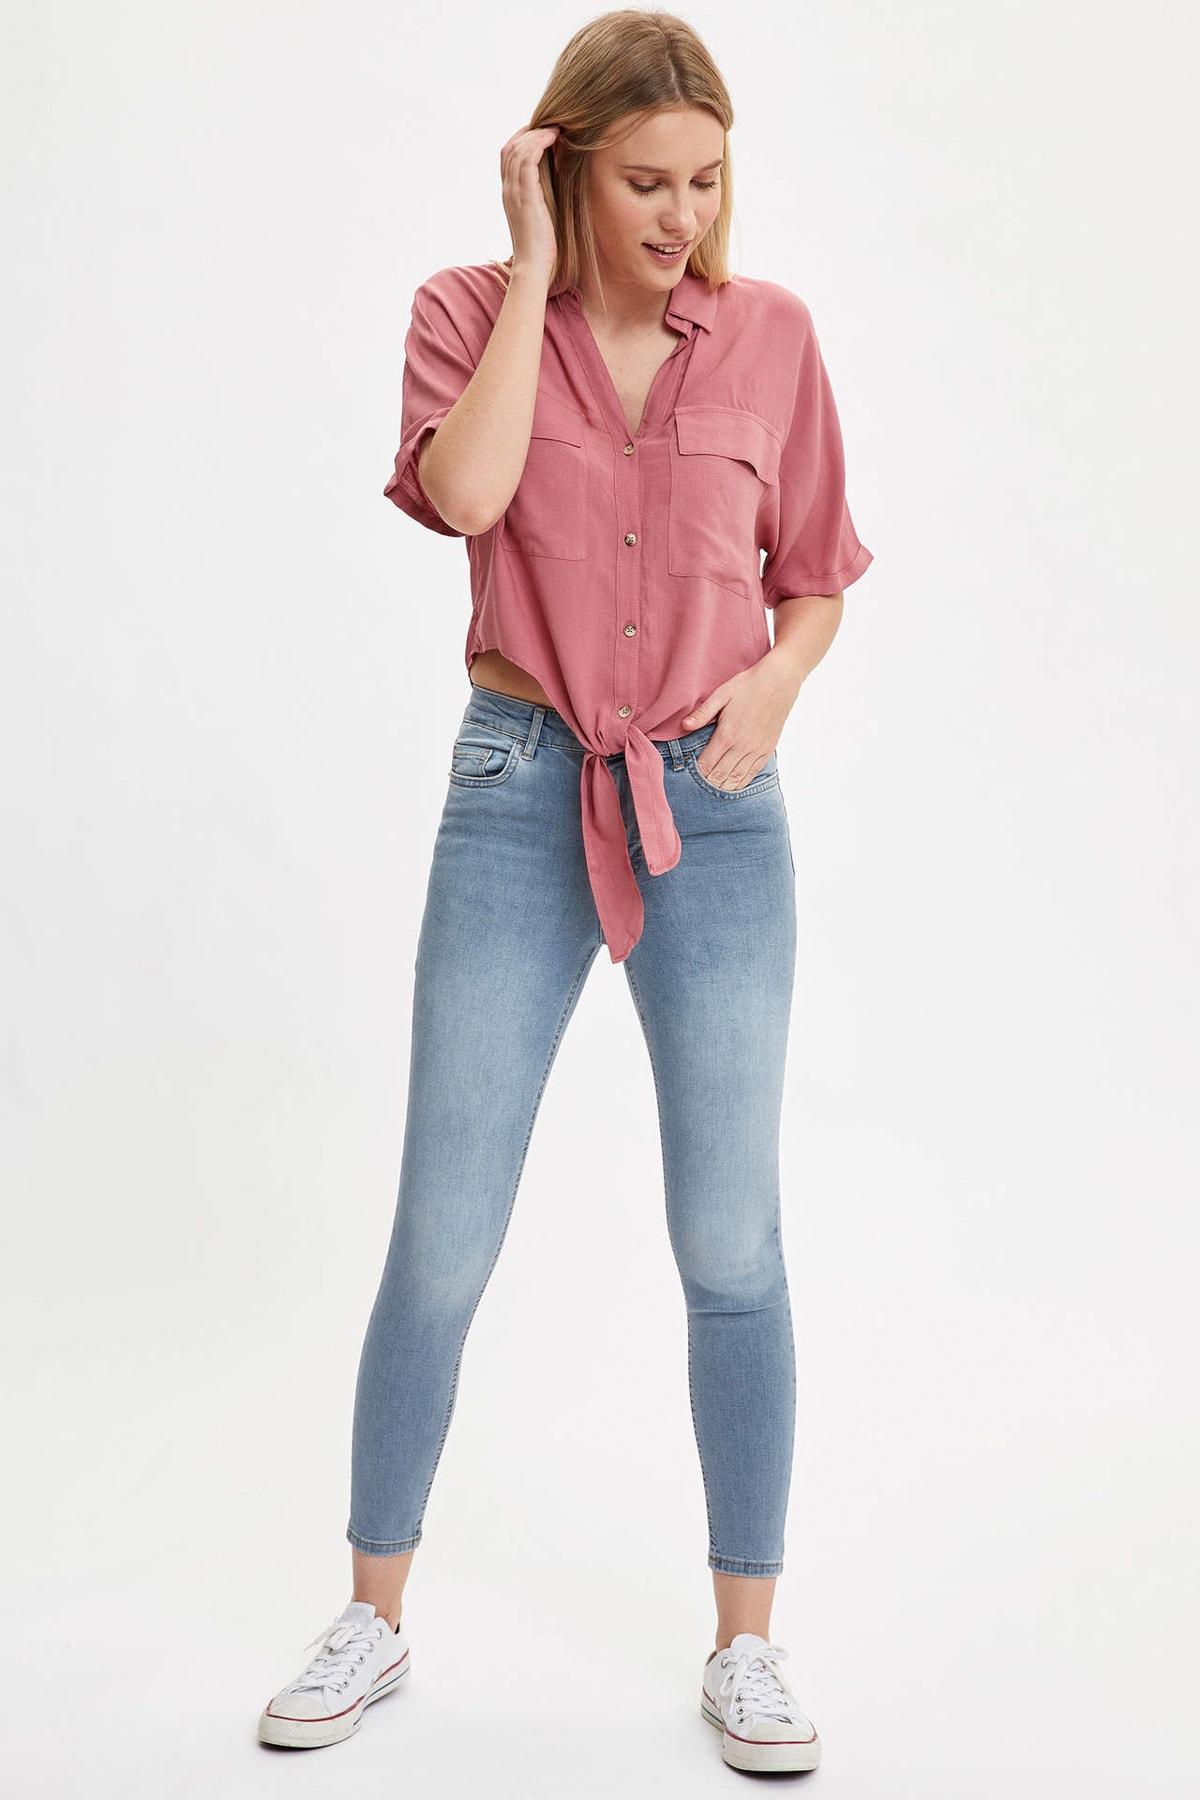 Kadın Mavi Kot Skinny Fit Jean Pantolon R2126AZ.20SM.NM39